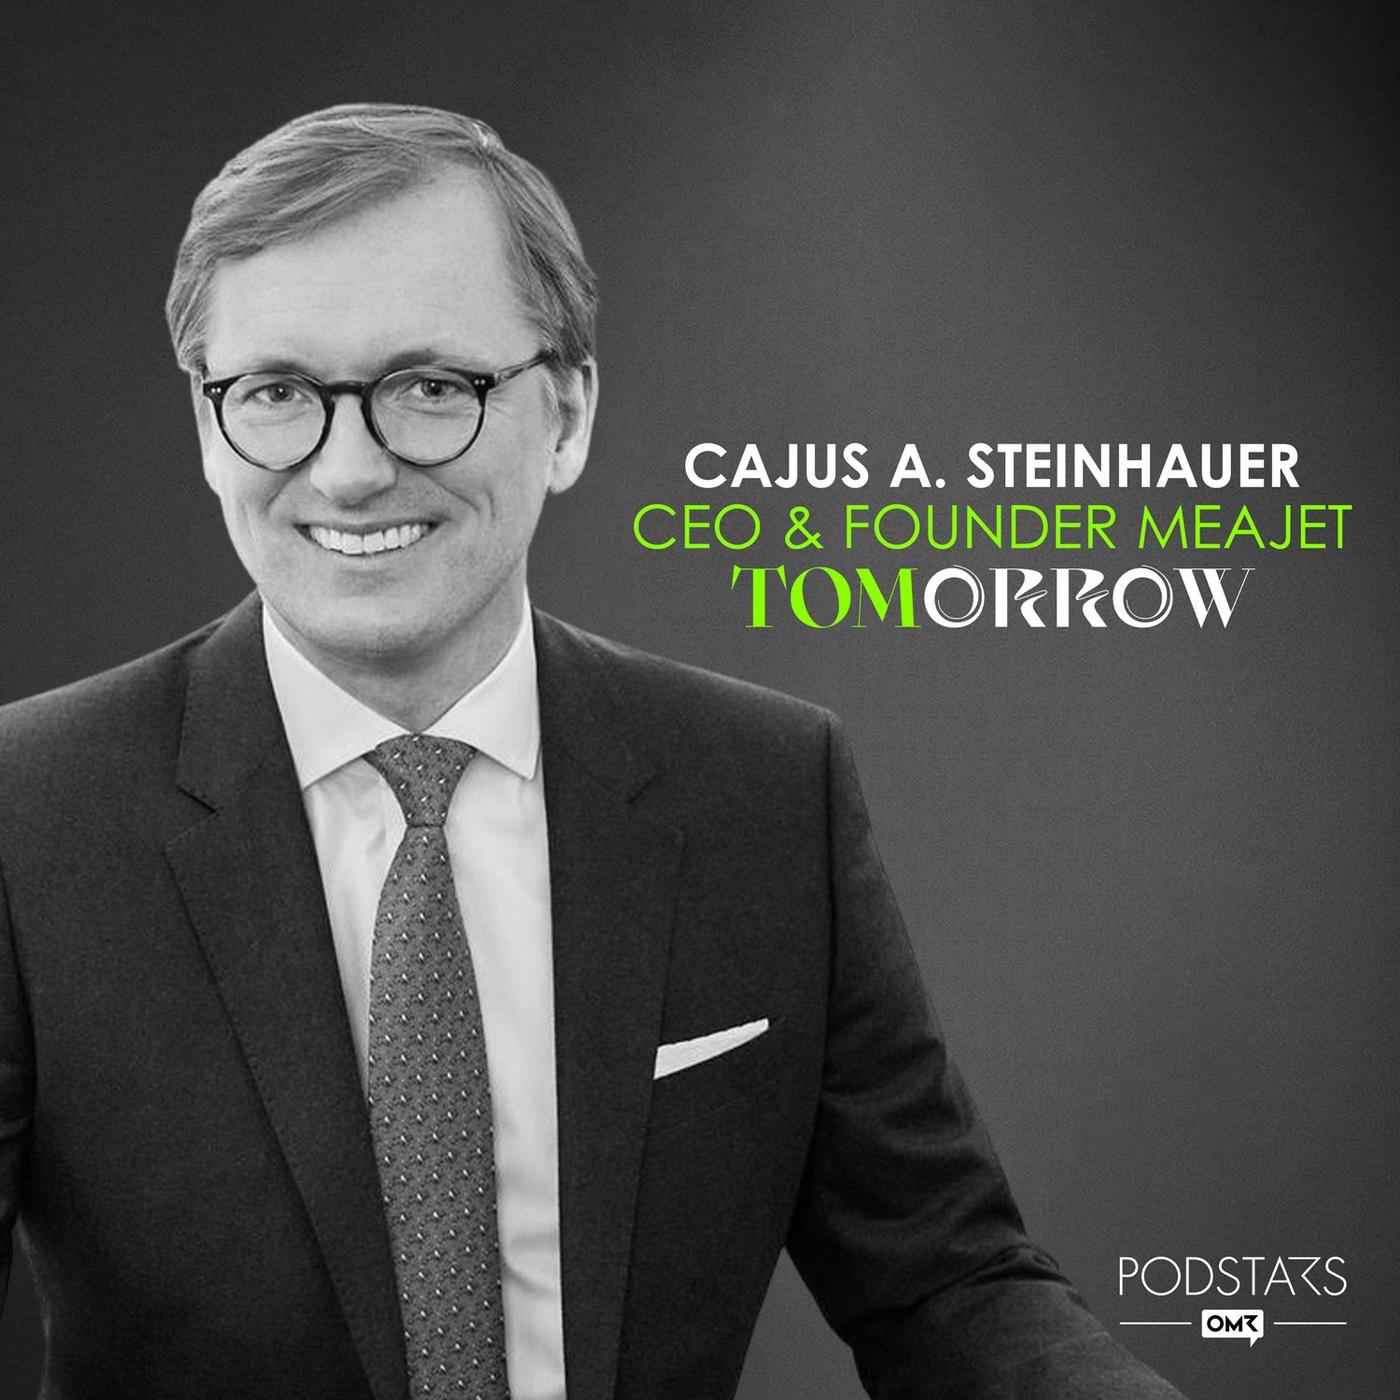 Der neue Privatjet-Boom - mit Cajus A. Steinhauer, CEO und Founder Meajet